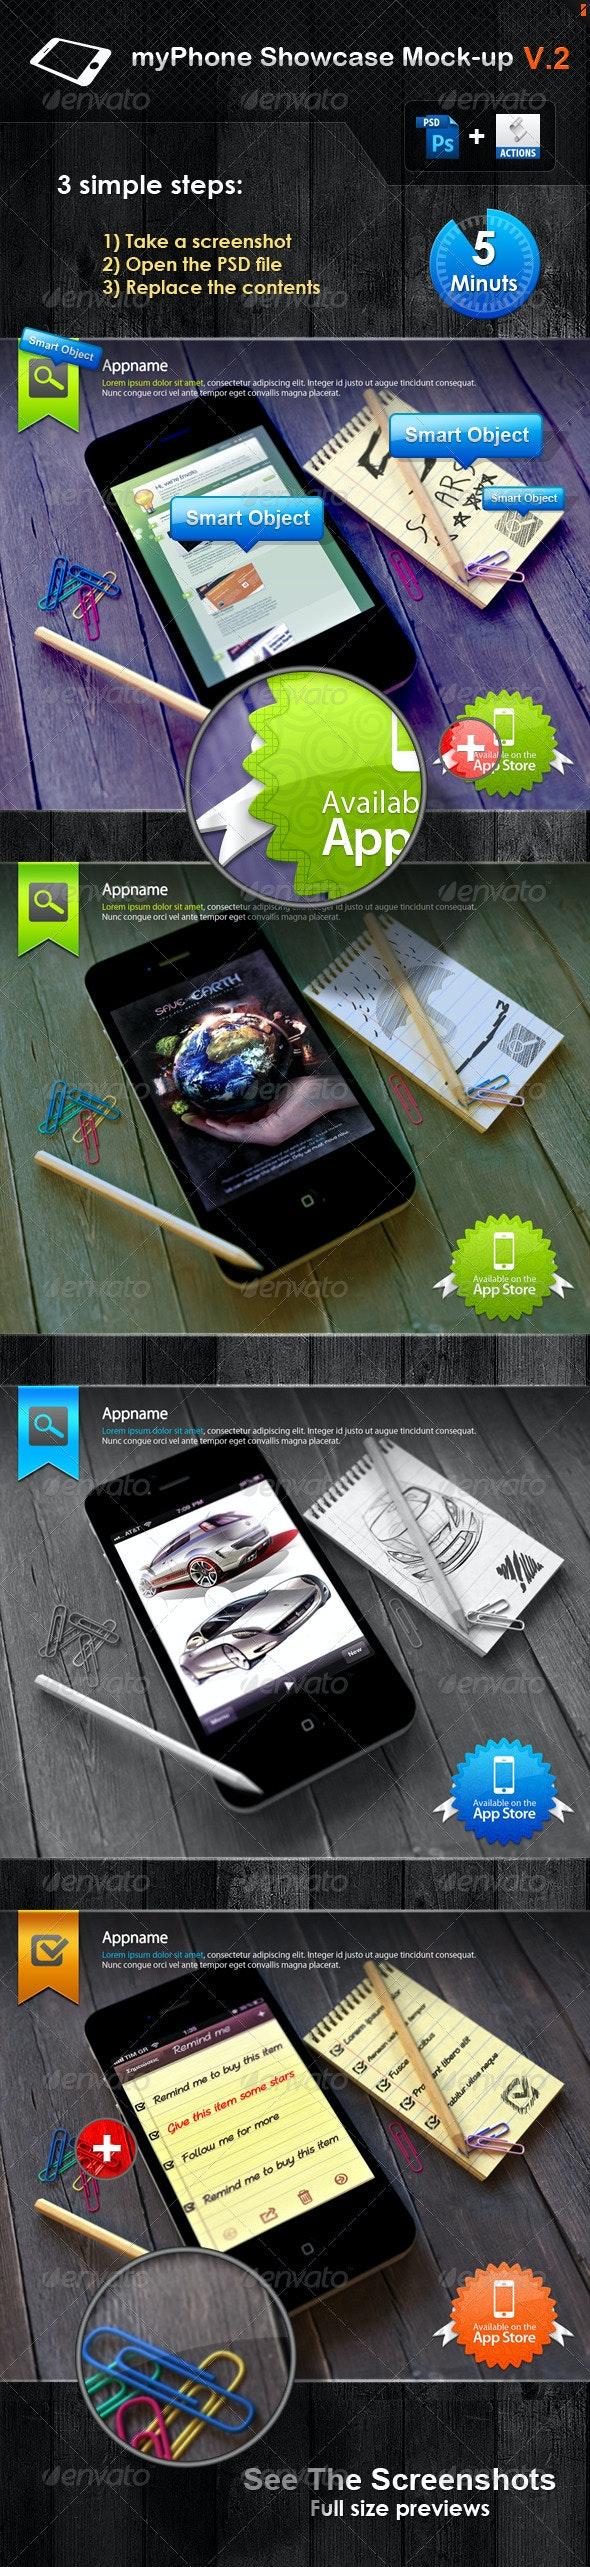 myPhone Showcase Mock-up V.2 - Mobile Displays